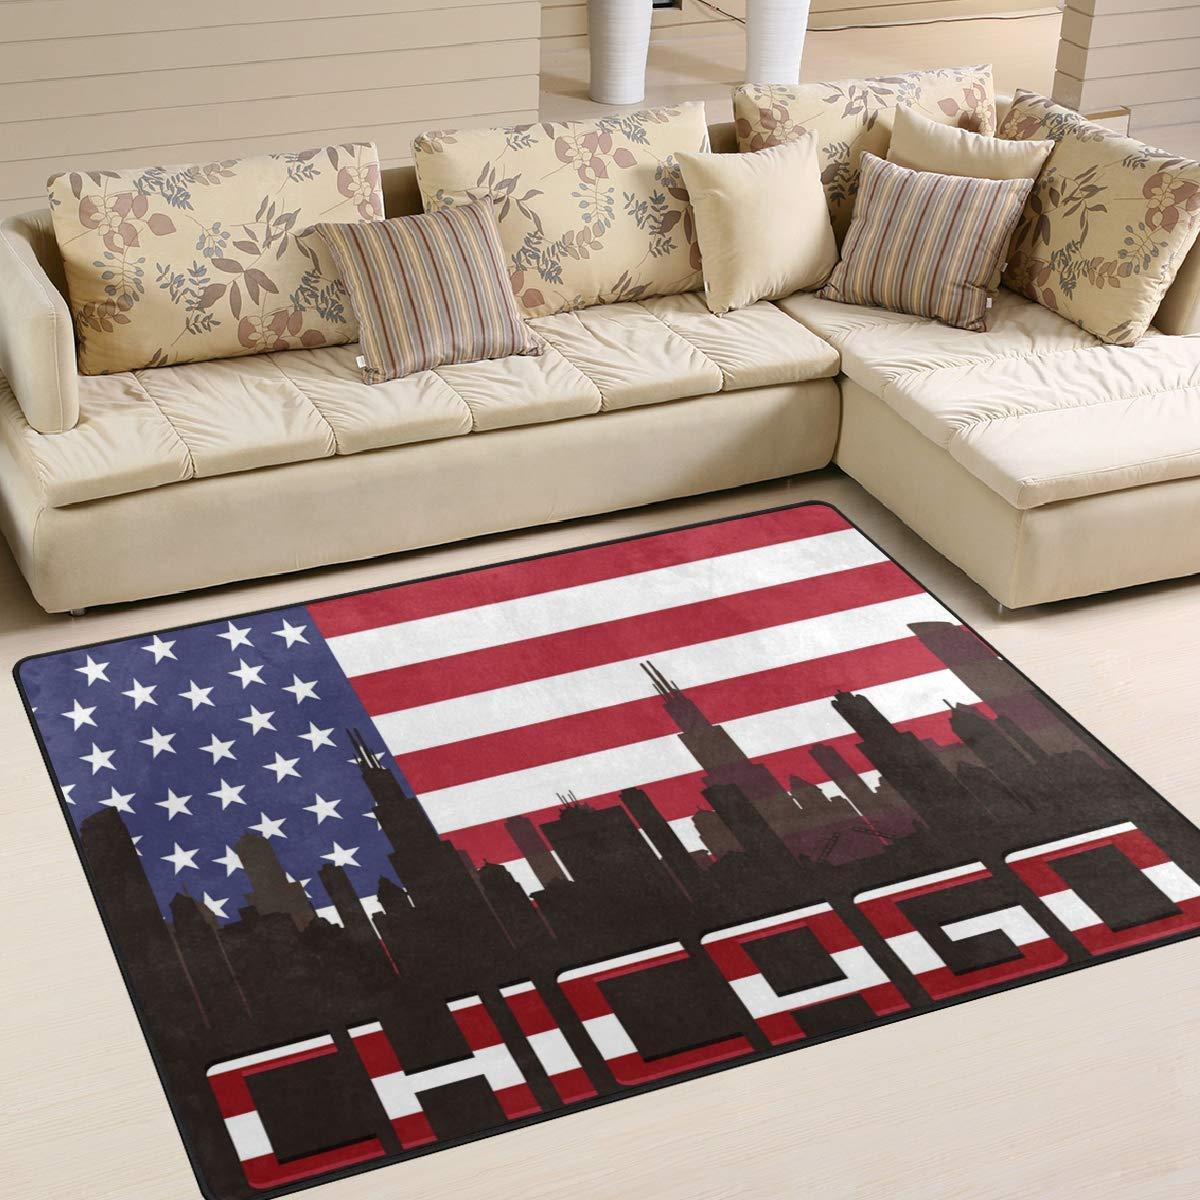 1 Polyester 80 X 58 Inch Malplena Chicago Usa Flag Zone